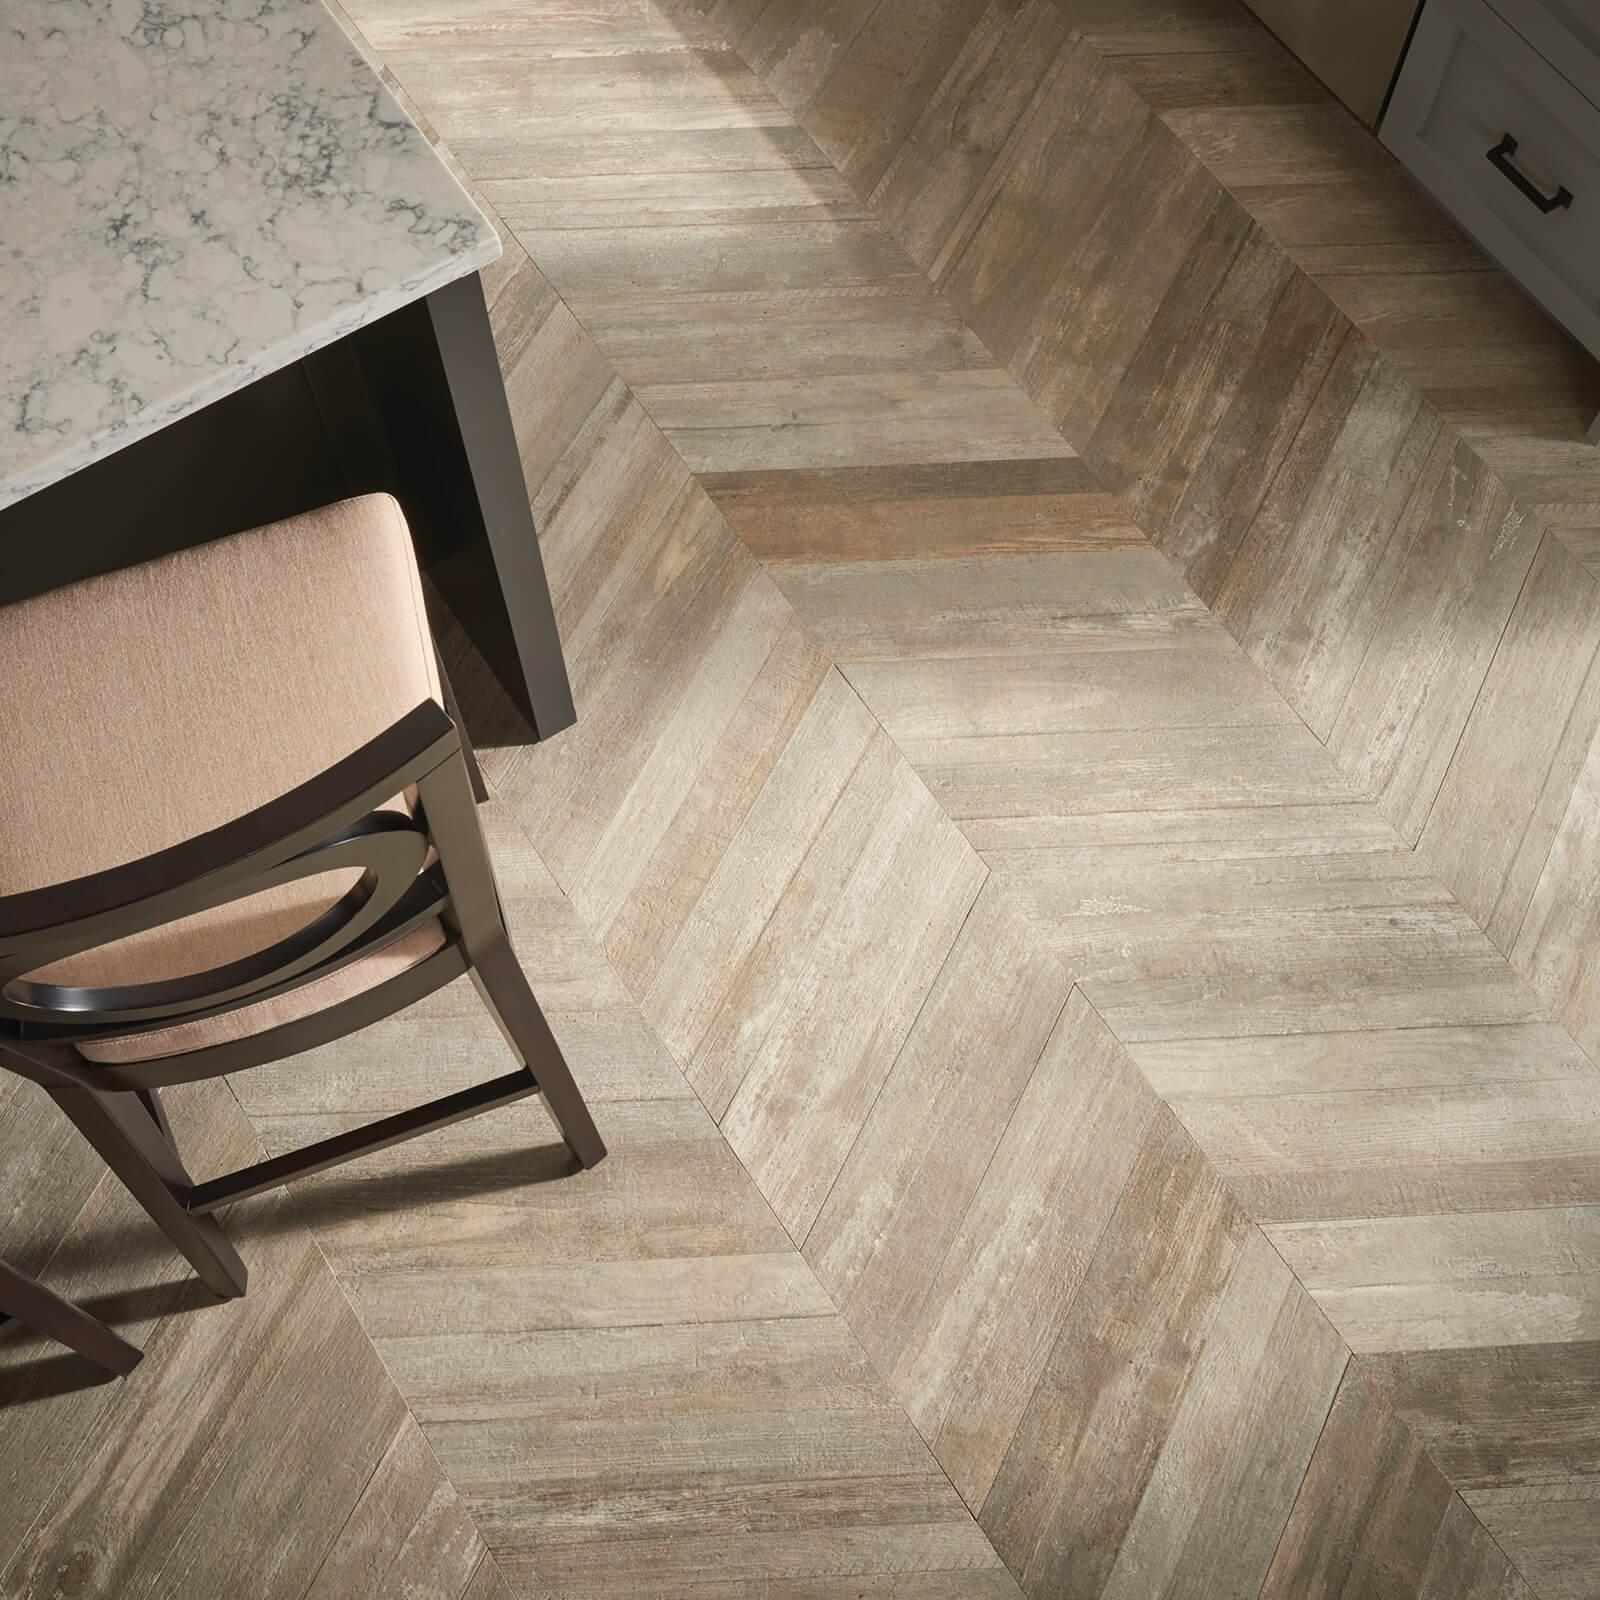 Glee chevron flooring | J/K Carpet Center, Inc